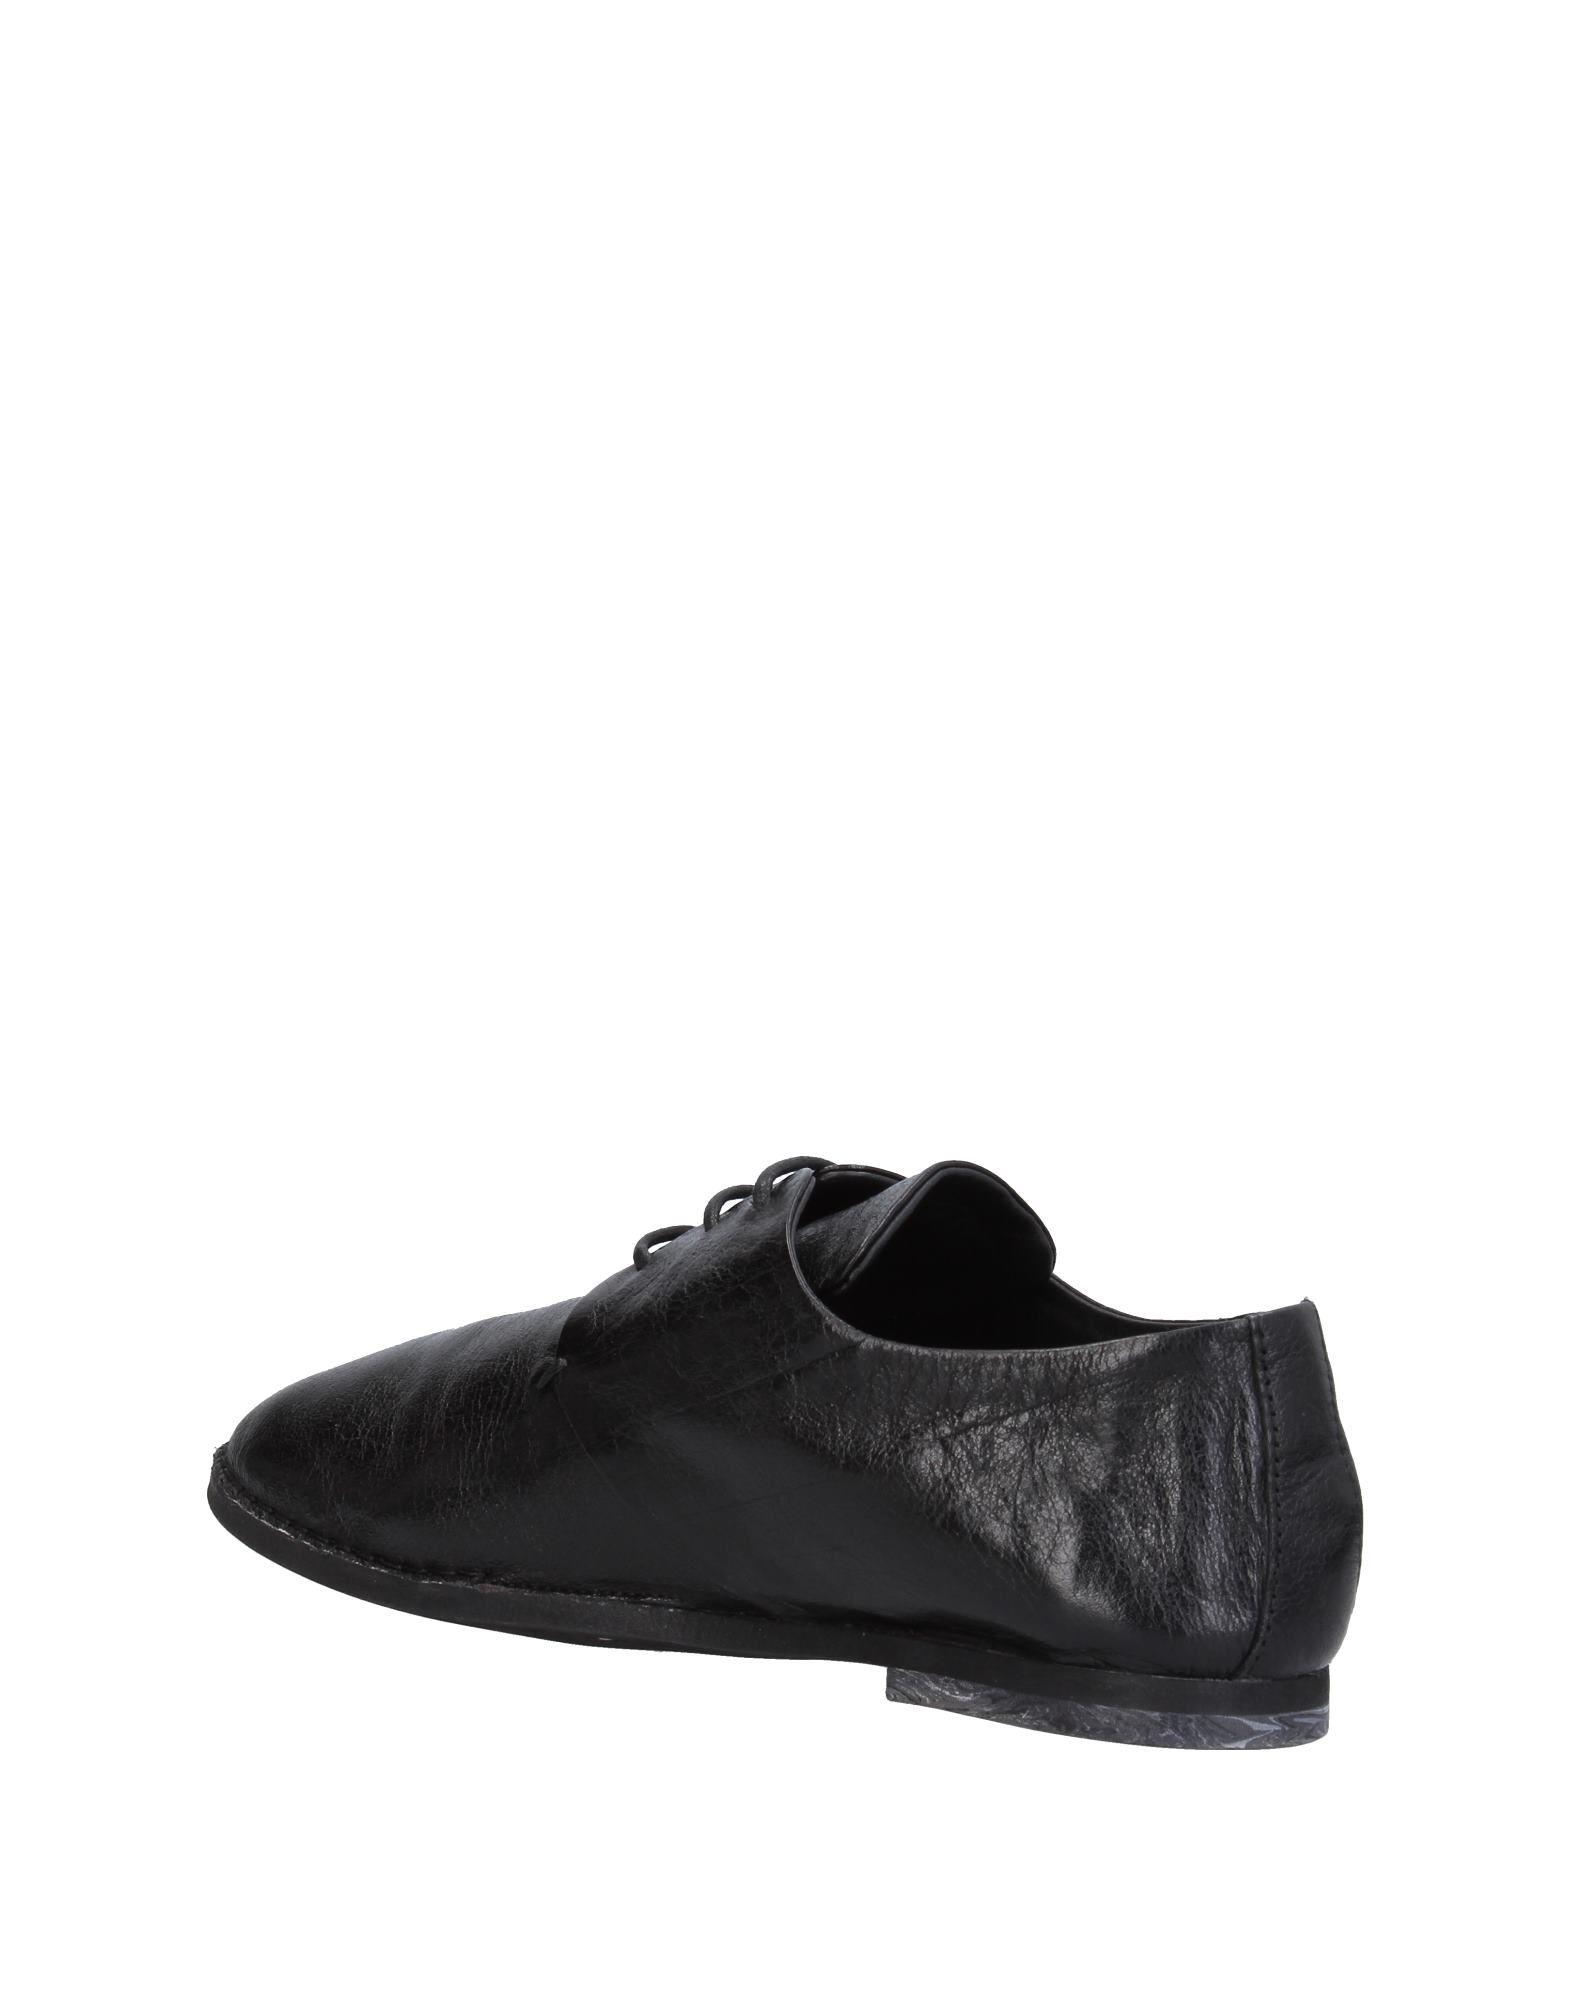 Chaussures À Lacets Michelediloco Femme - Chaussures À Lacets Michelediloco sur